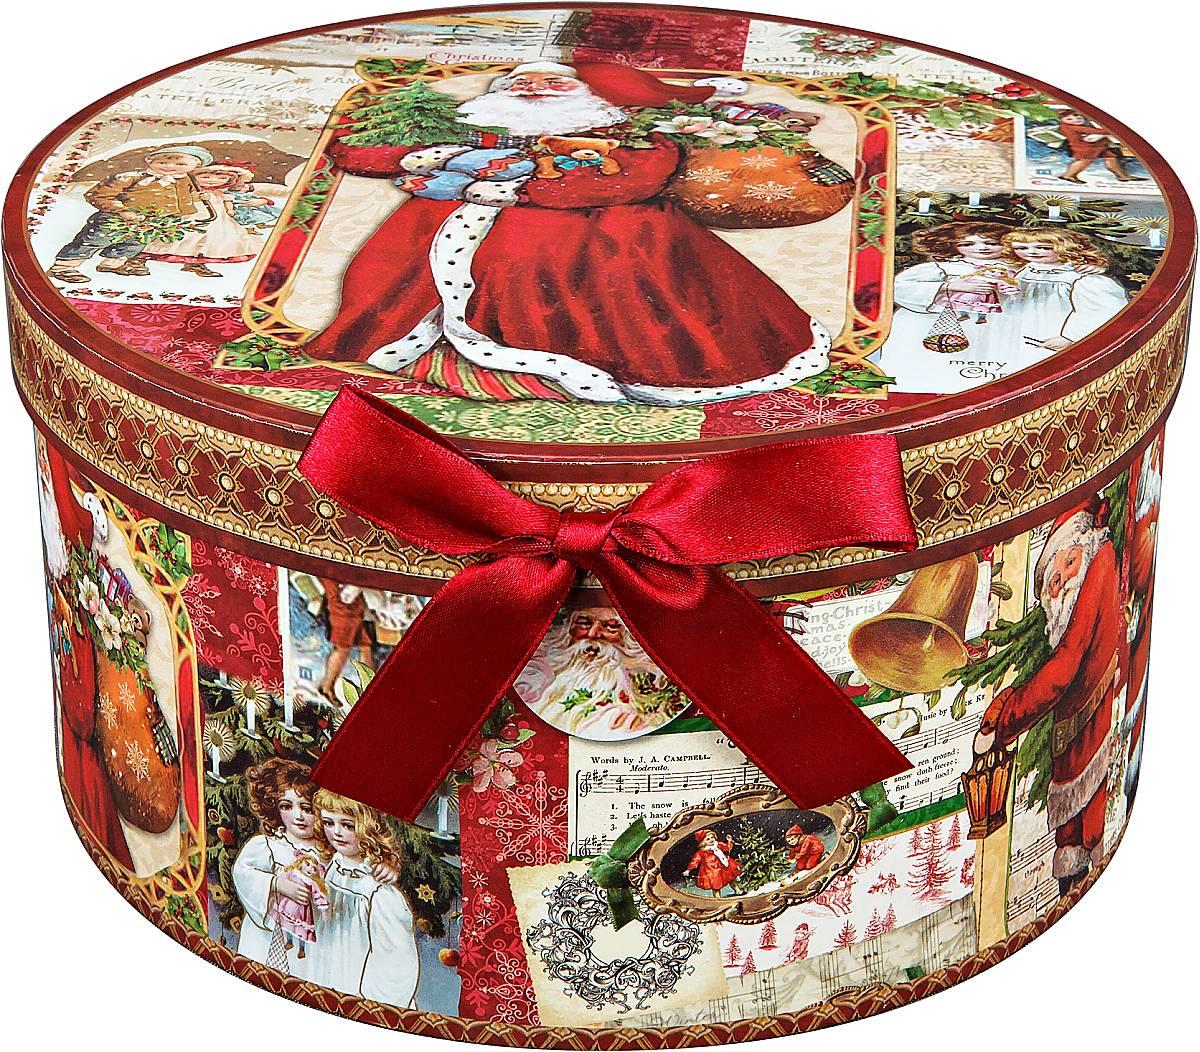 Коробка подарочная новогодняя Mister Christmas Дед Мороз и дети, круглая, 16,8 х 16,8 х 8 смBUL002Круглая картонная коробка Mister Christmas Дед Мороз и дети - это один из самых распространенных вариантов упаковки подарков. Любой, даже самый нестандартный подарок упакованный в такую коробку, создаст момент легкой интриги, а плотный картон сохранит содержимое в первоначальном виде. Оригинальный дизайн самой коробки будет долго напоминать владельцу о трогательных моментах получения подарка.